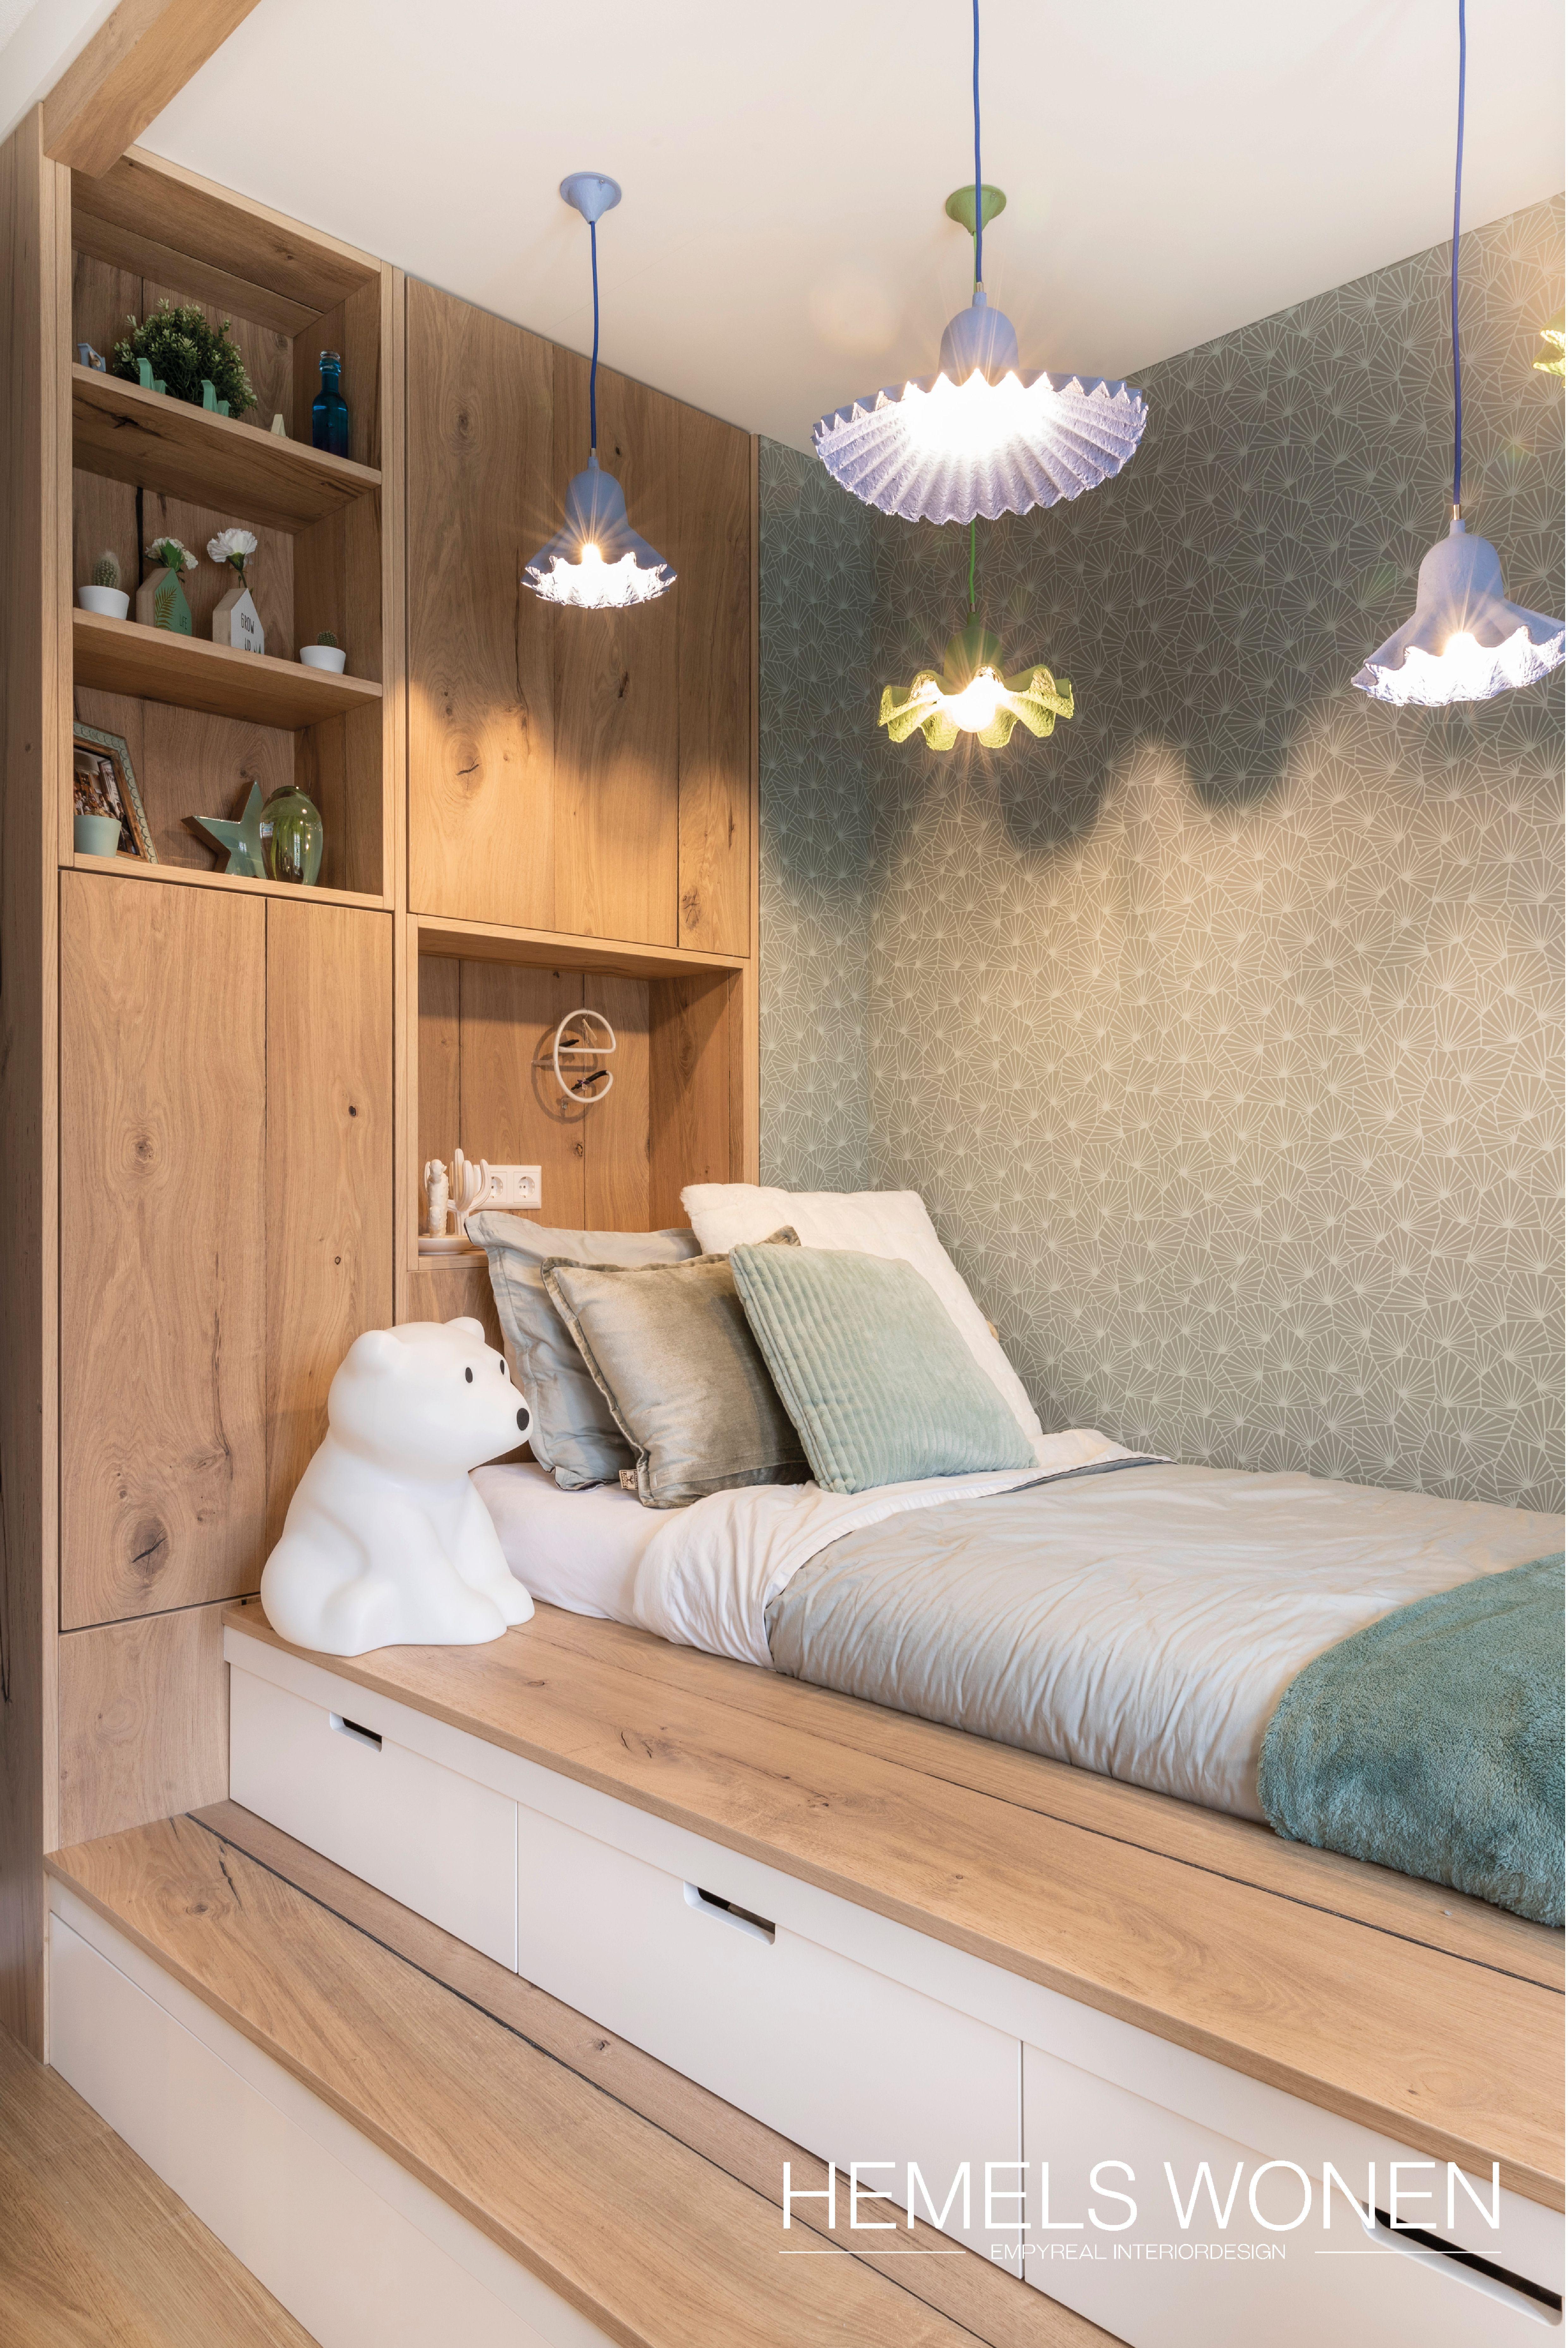 HEMELS WONEN | Children's wooden bed elevation,  #bed #Childrens #elevation #hemels #slaapkamerdecoratie #wonen #Wooden